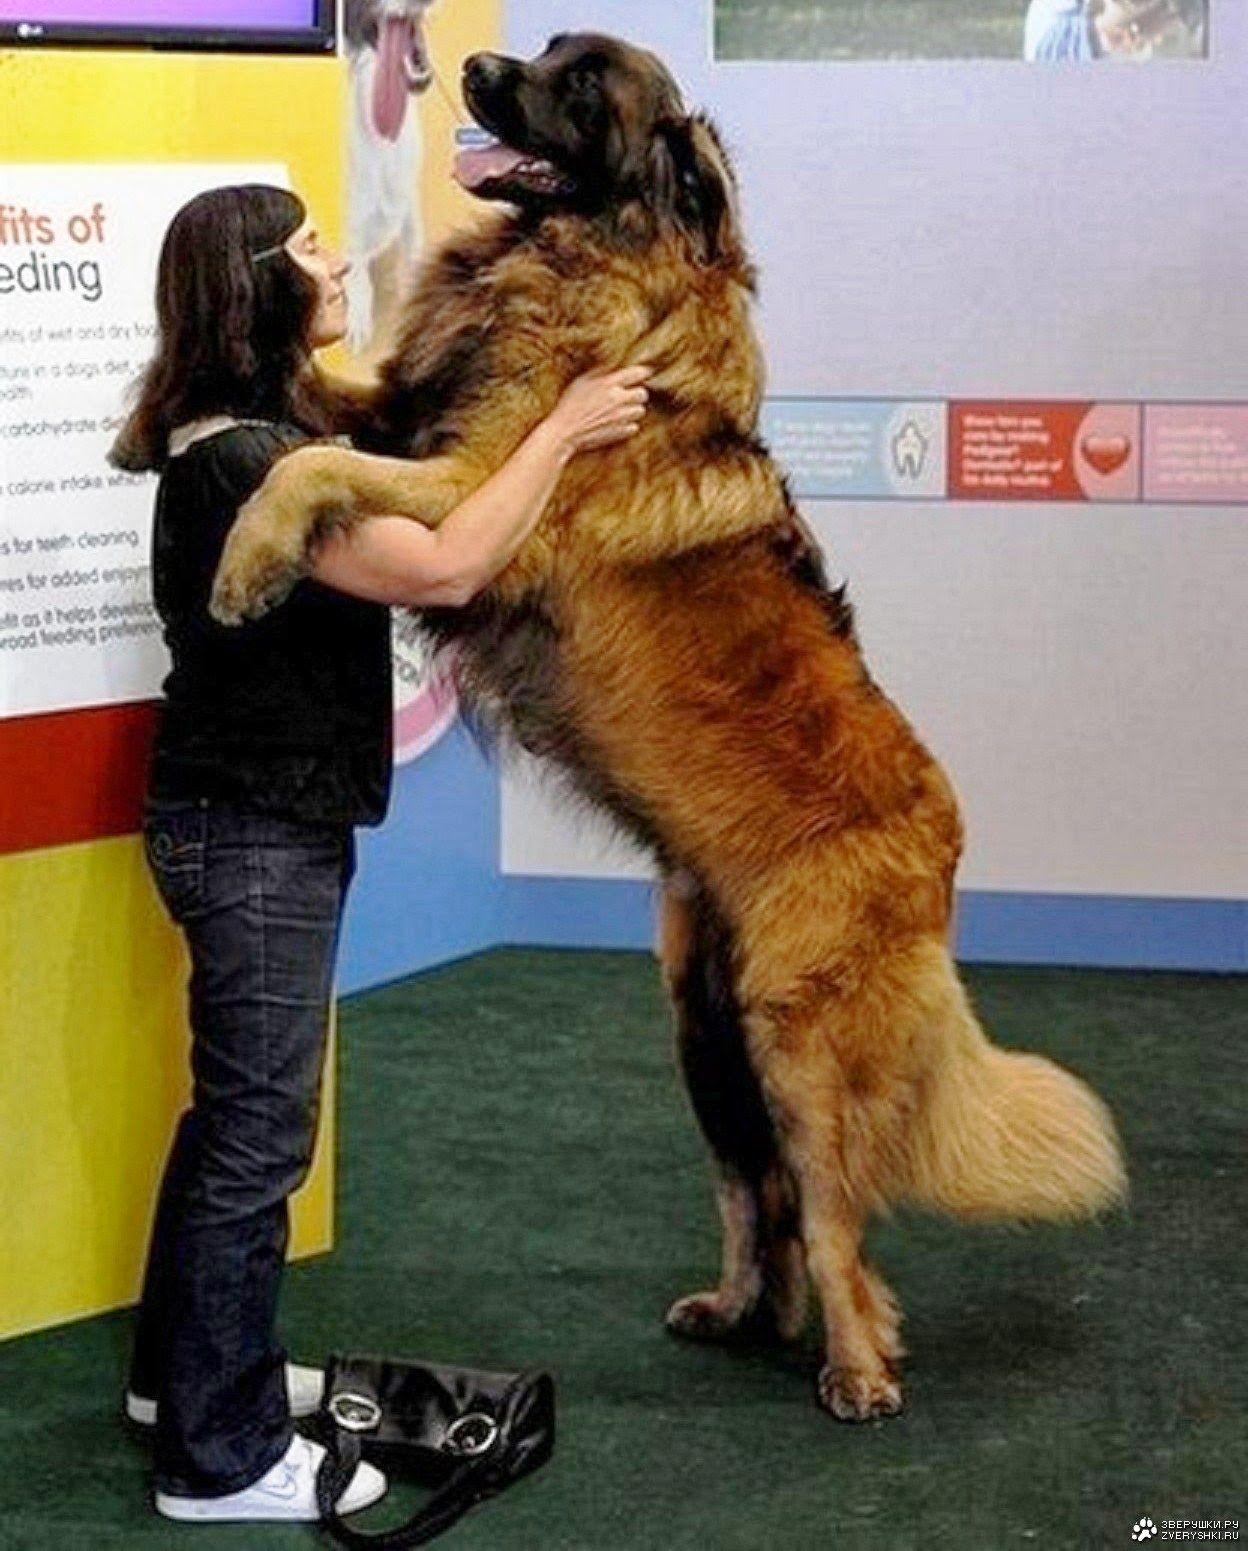 5 Dogs that grew more than expected Самая большая собака